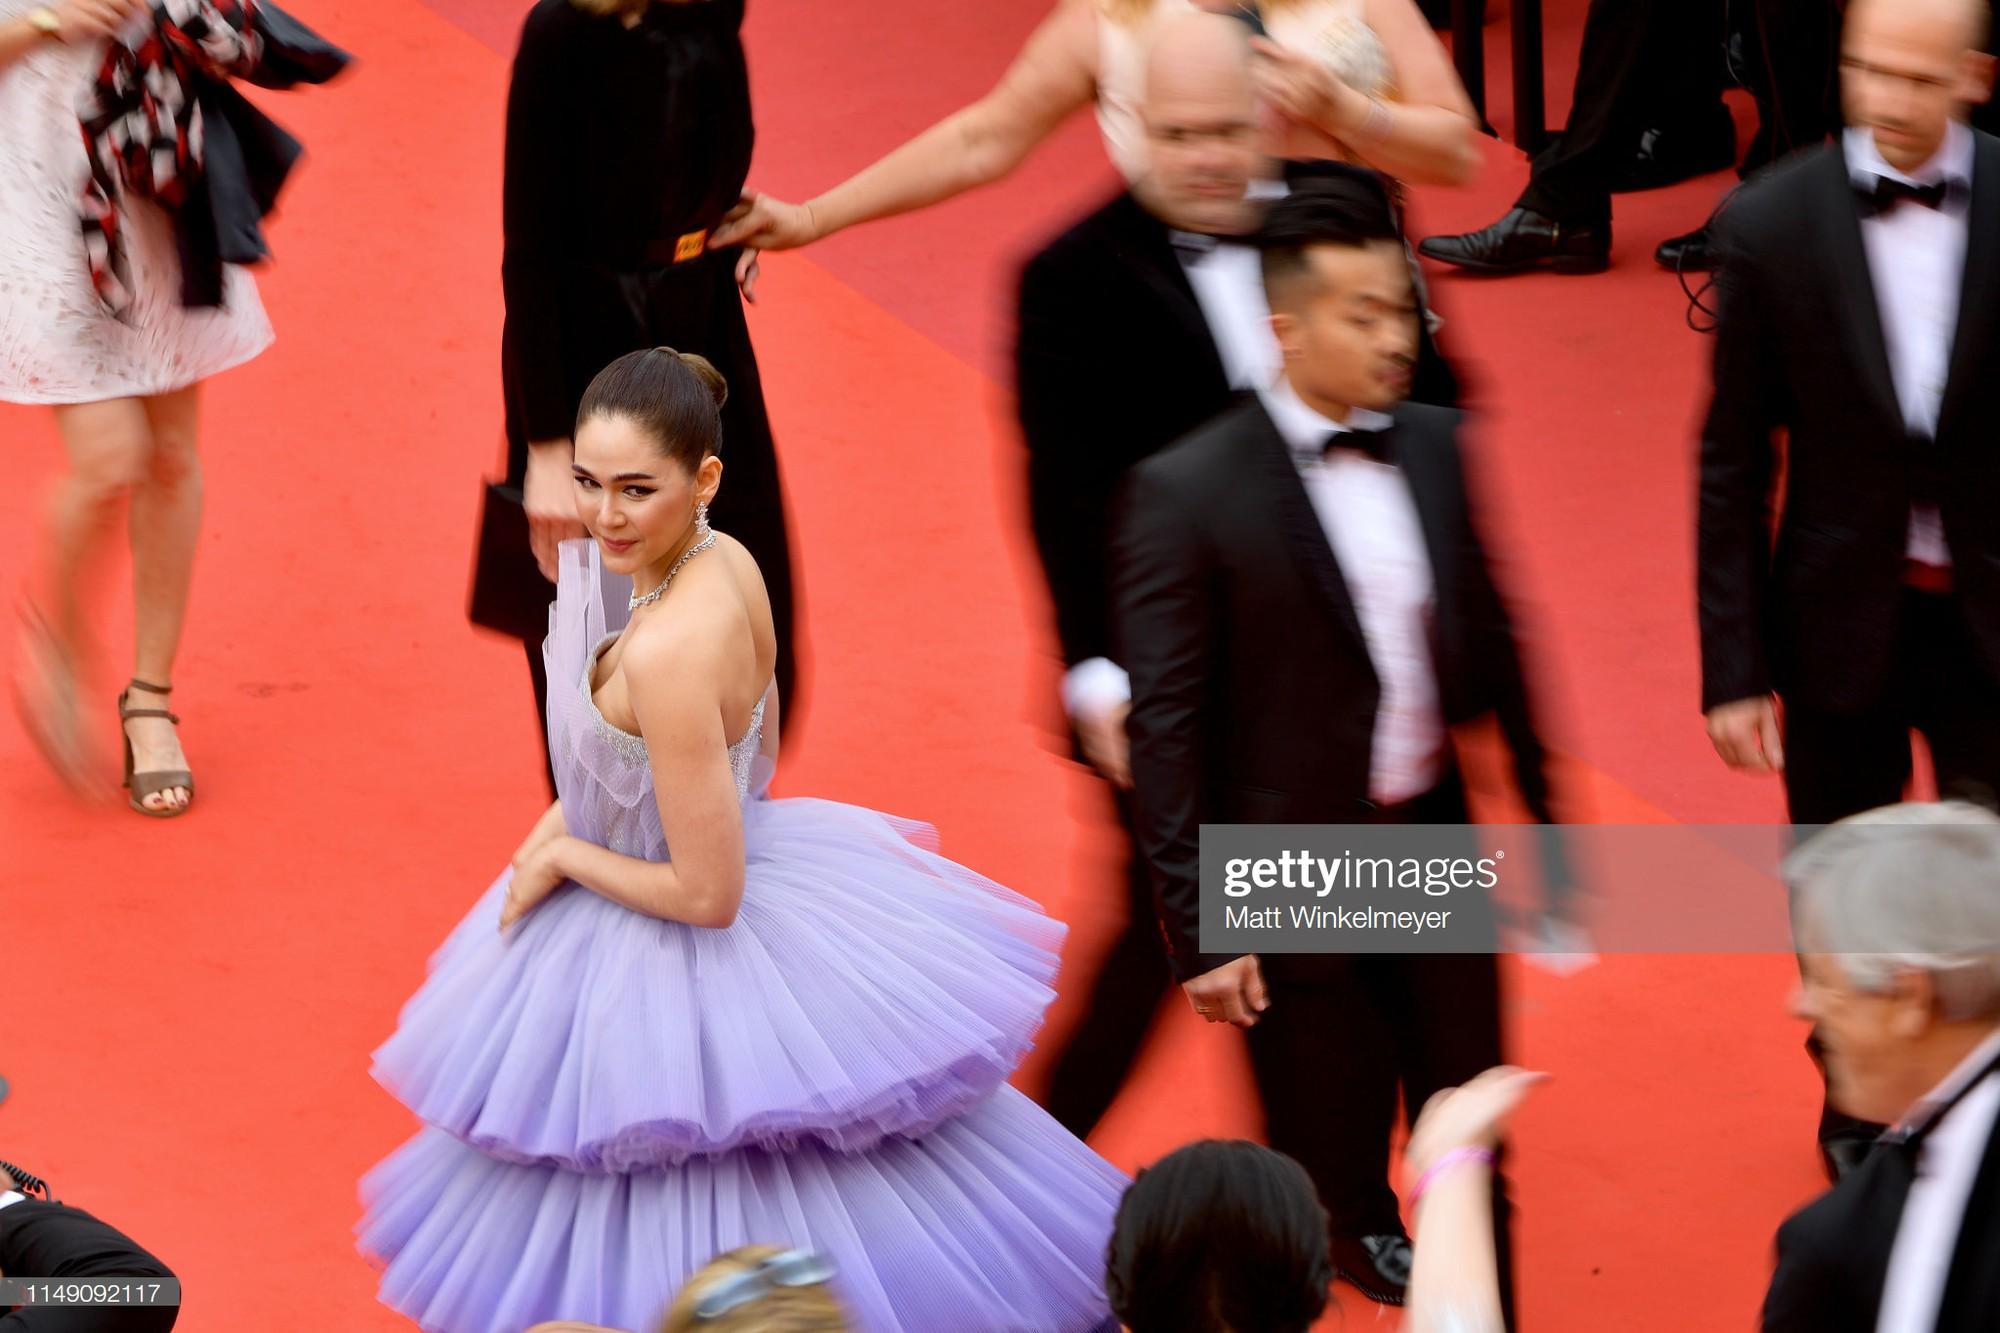 Cannes ngày đầu tiên: Phạm Băng Băng Thái Lan mới chính là mỹ nhân châu Á chặt chém nhất với thần thái bức người - Ảnh 6.